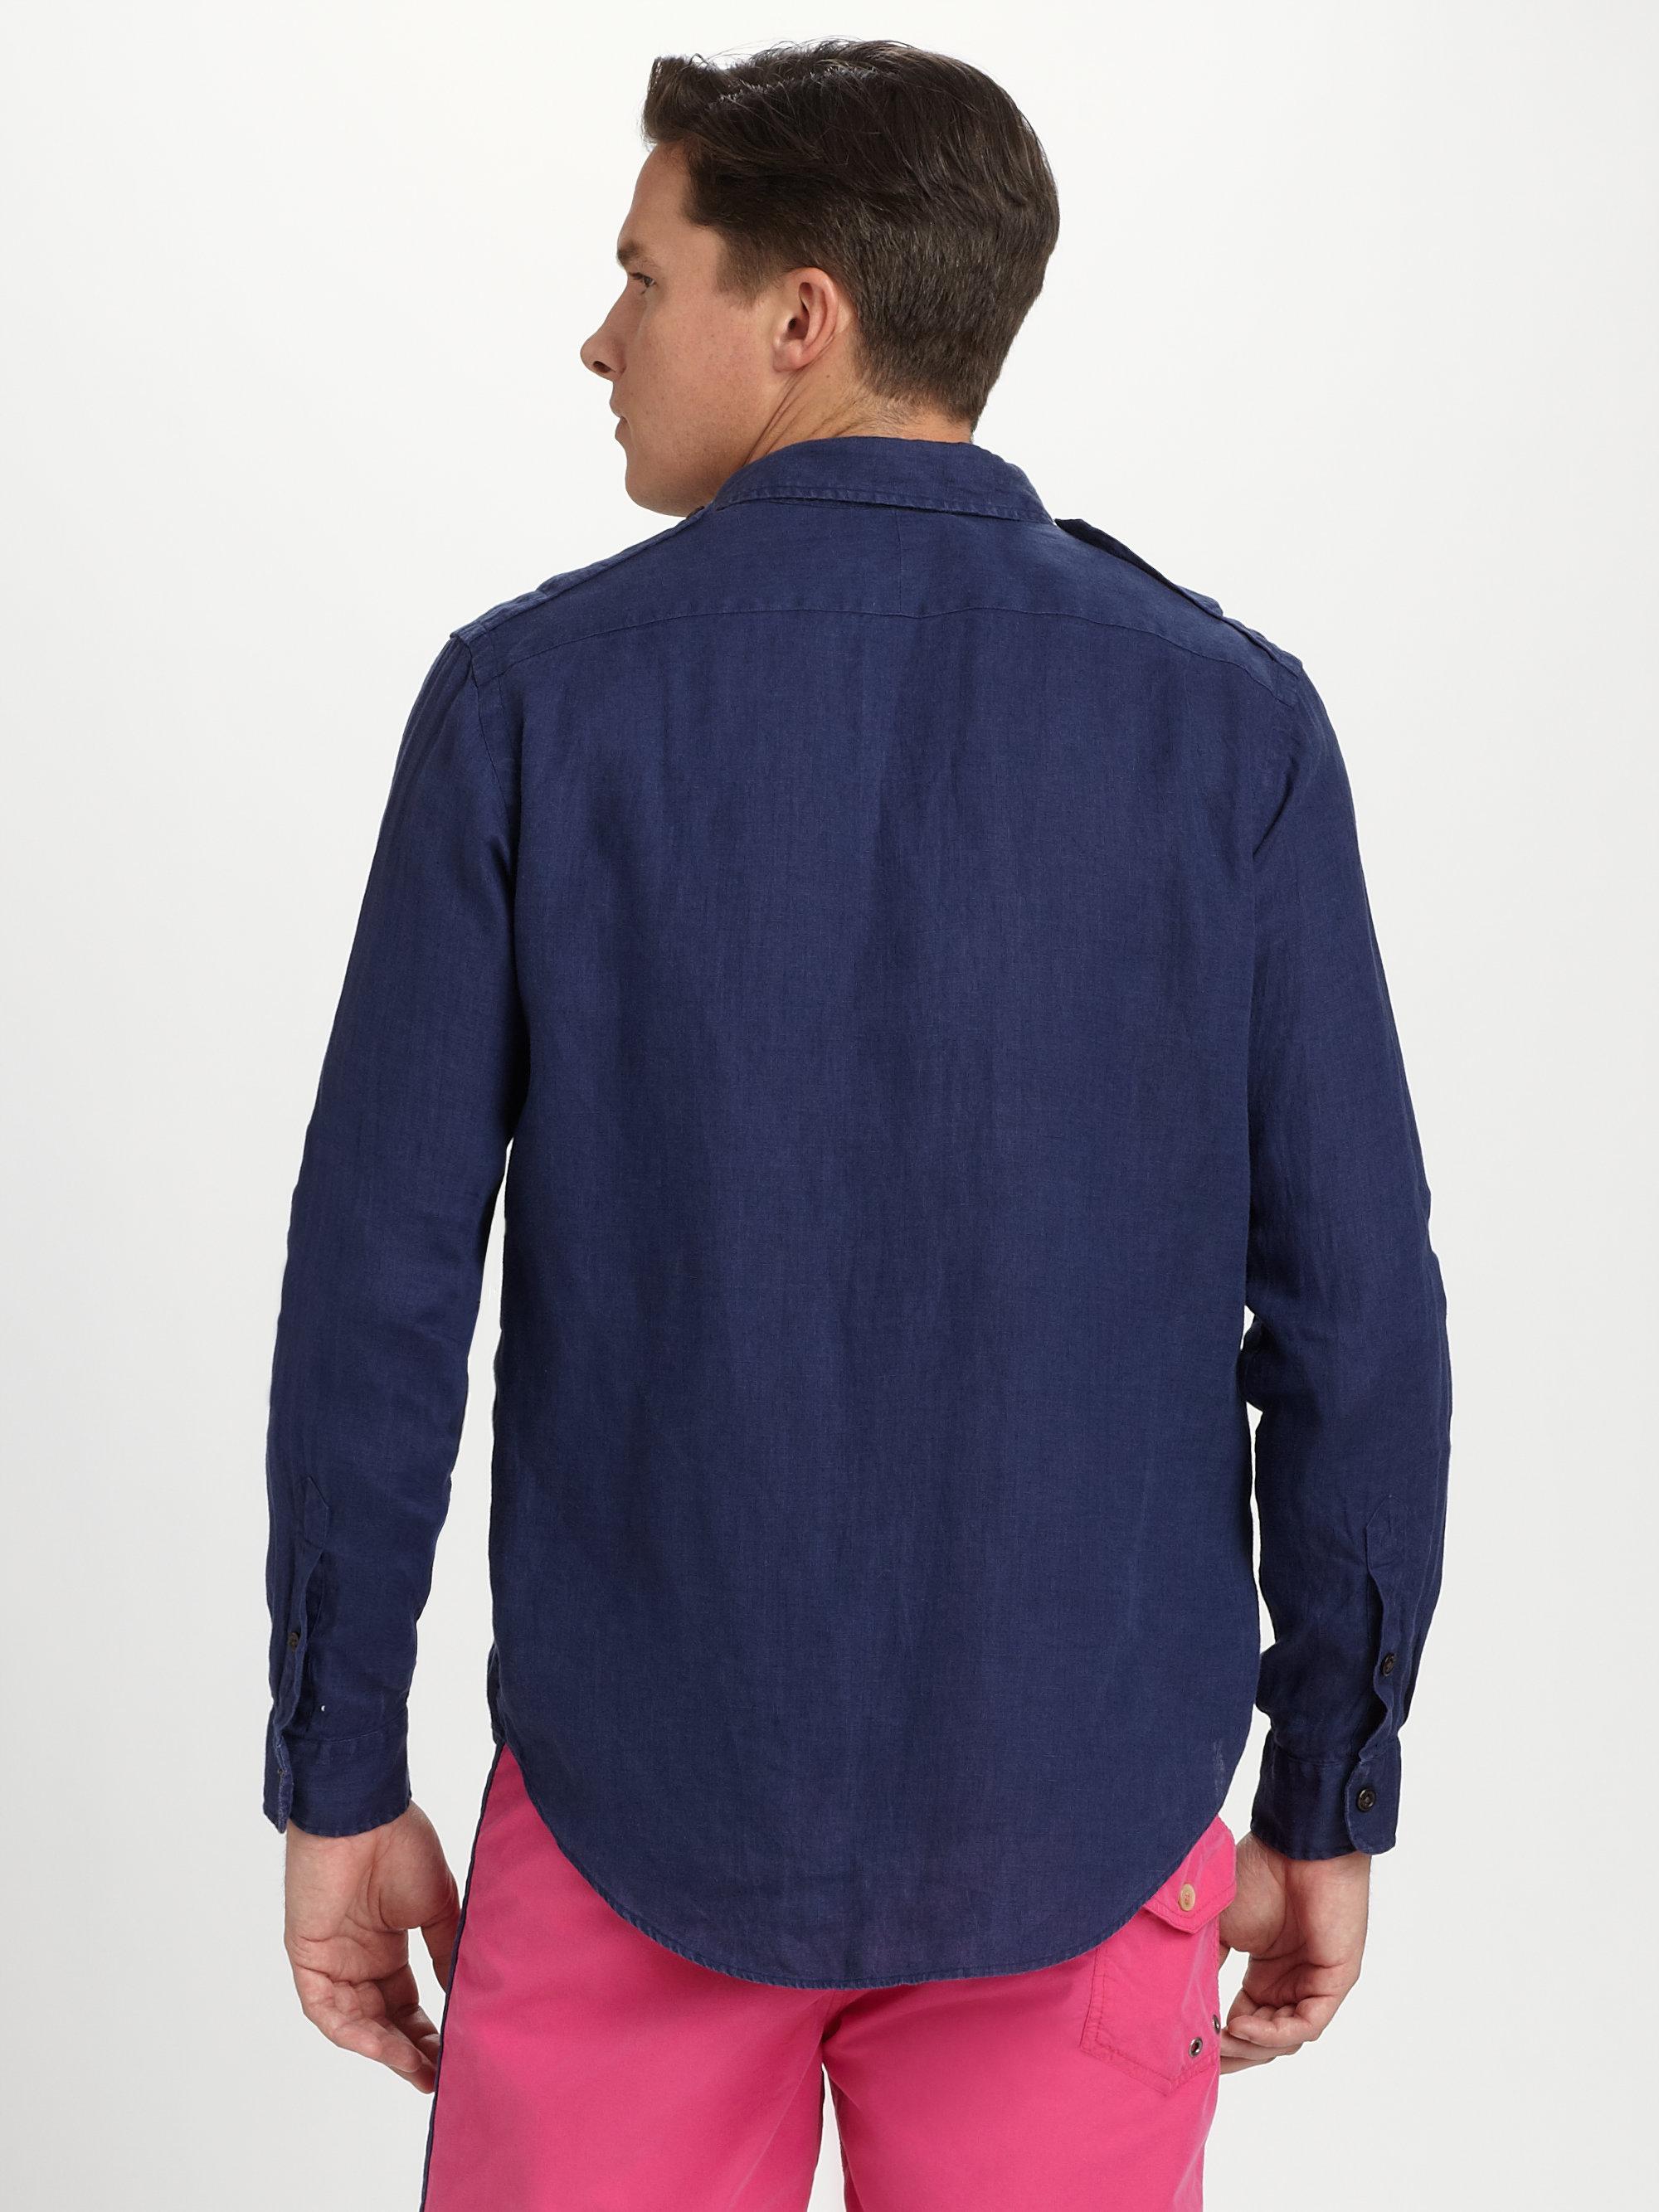 e9d6cec4614 ... ireland lyst polo ralph lauren linen military shirt in blue for men  5ab2d a2222